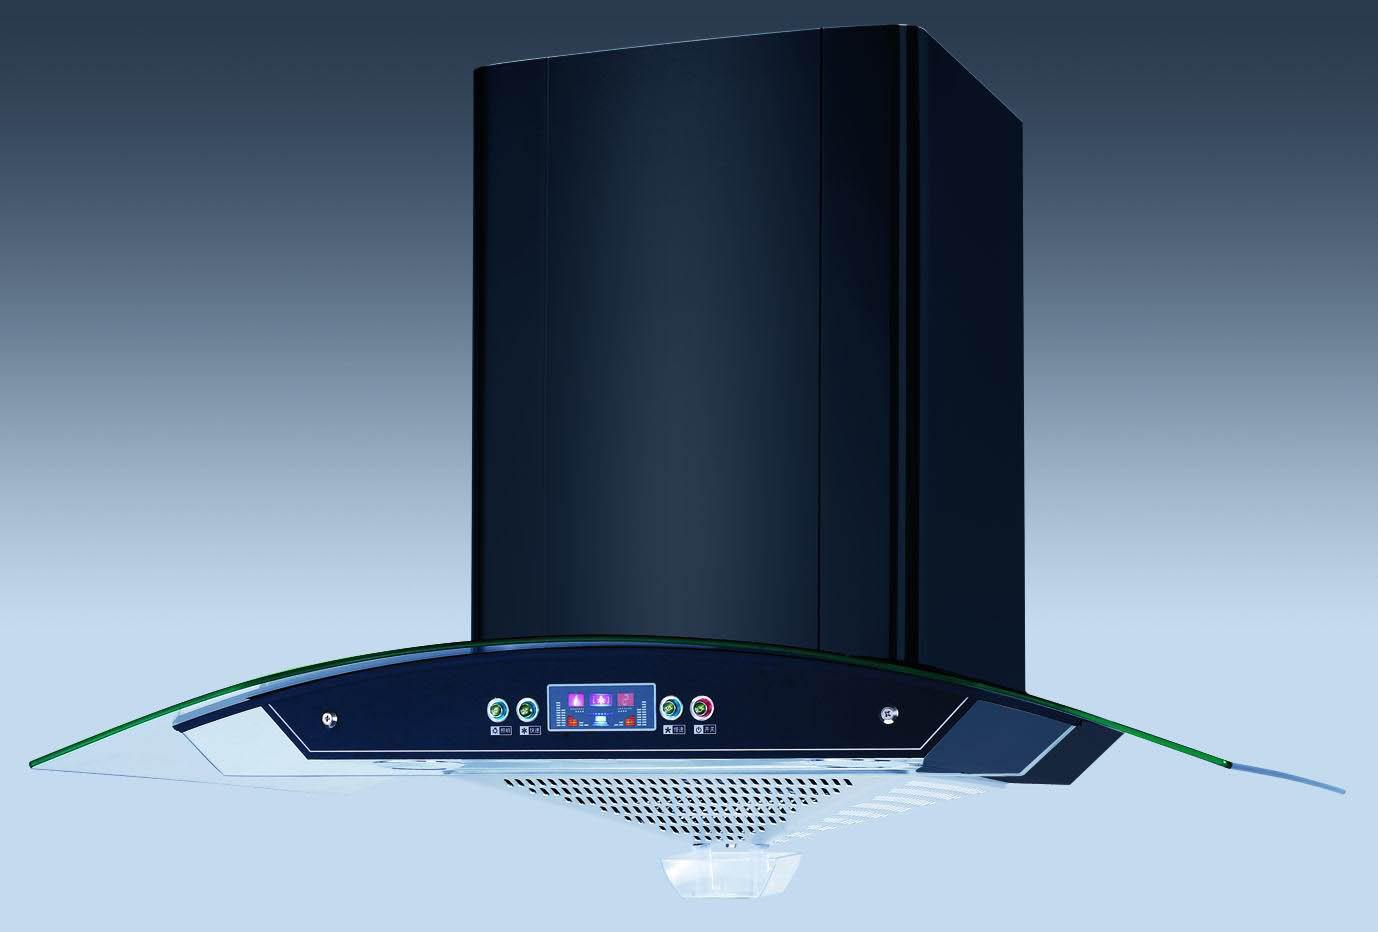 cone net type range hood LT-900A9